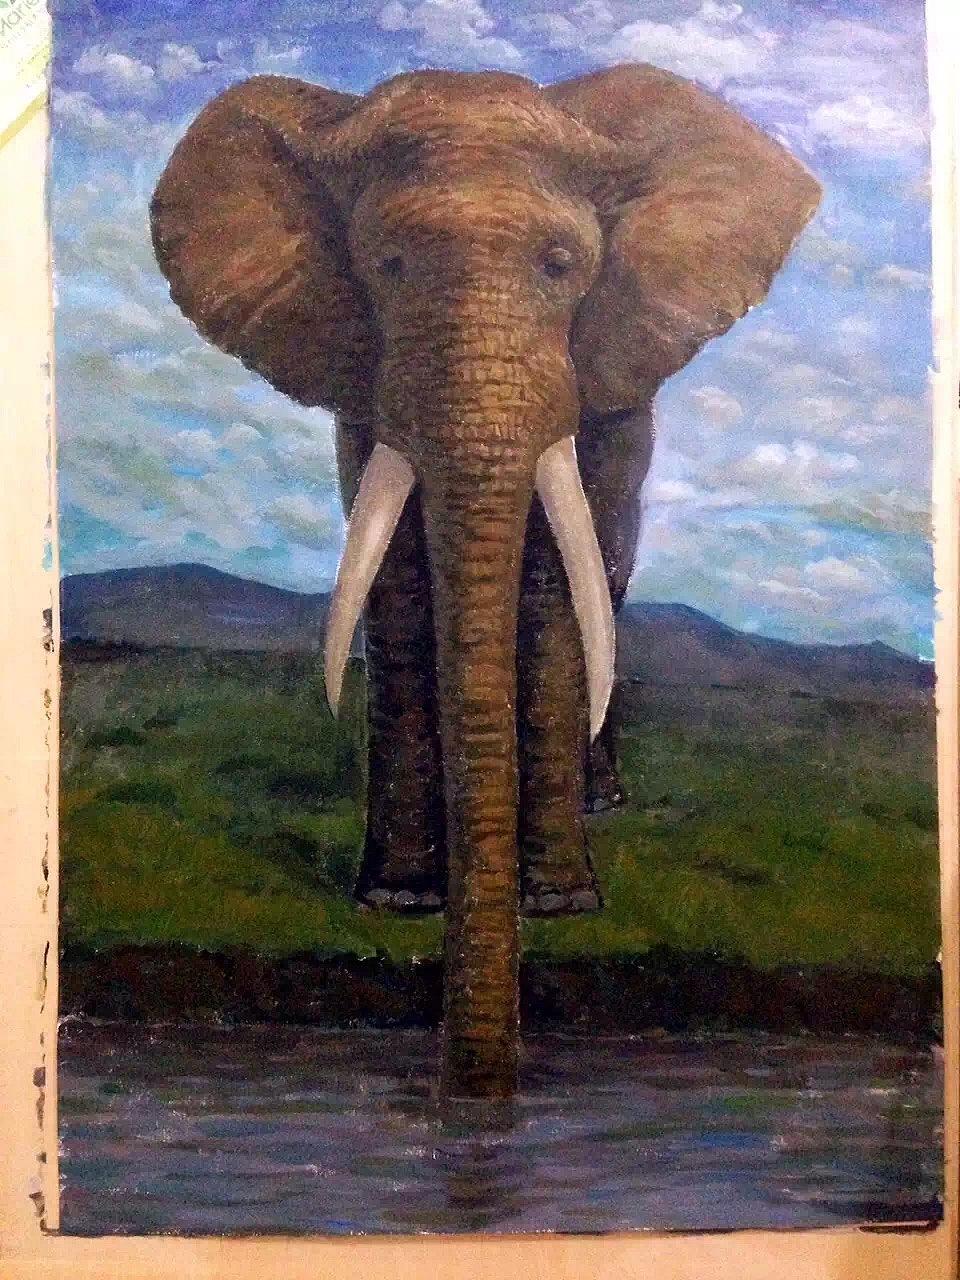 大象圆舞曲谱子